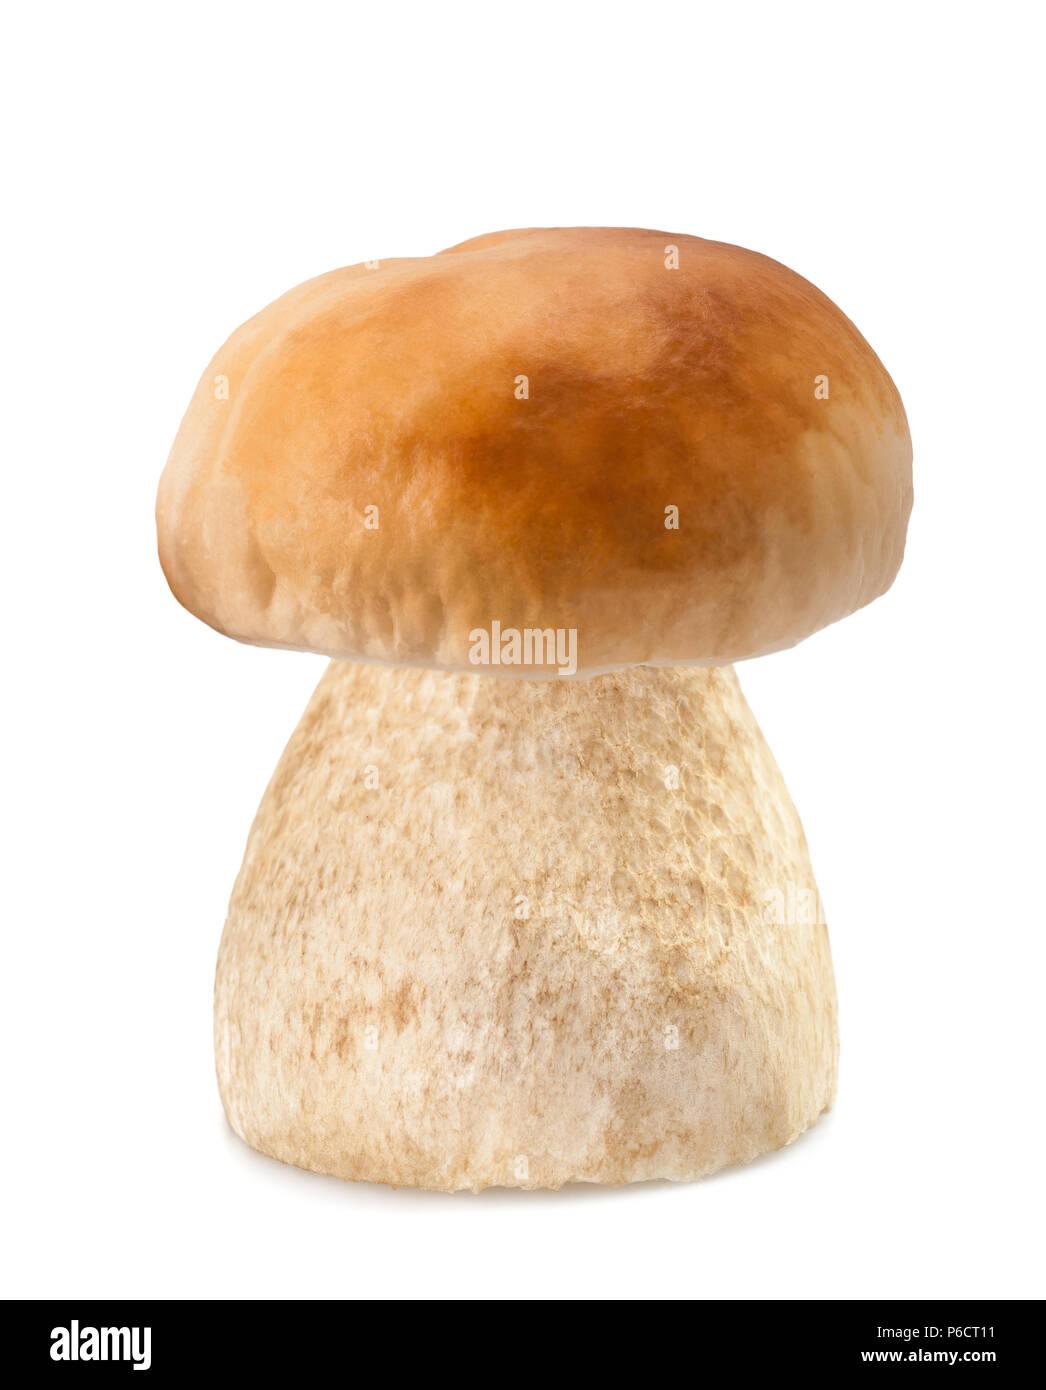 Mushroom penny bun  isolated  on white background - Stock Image